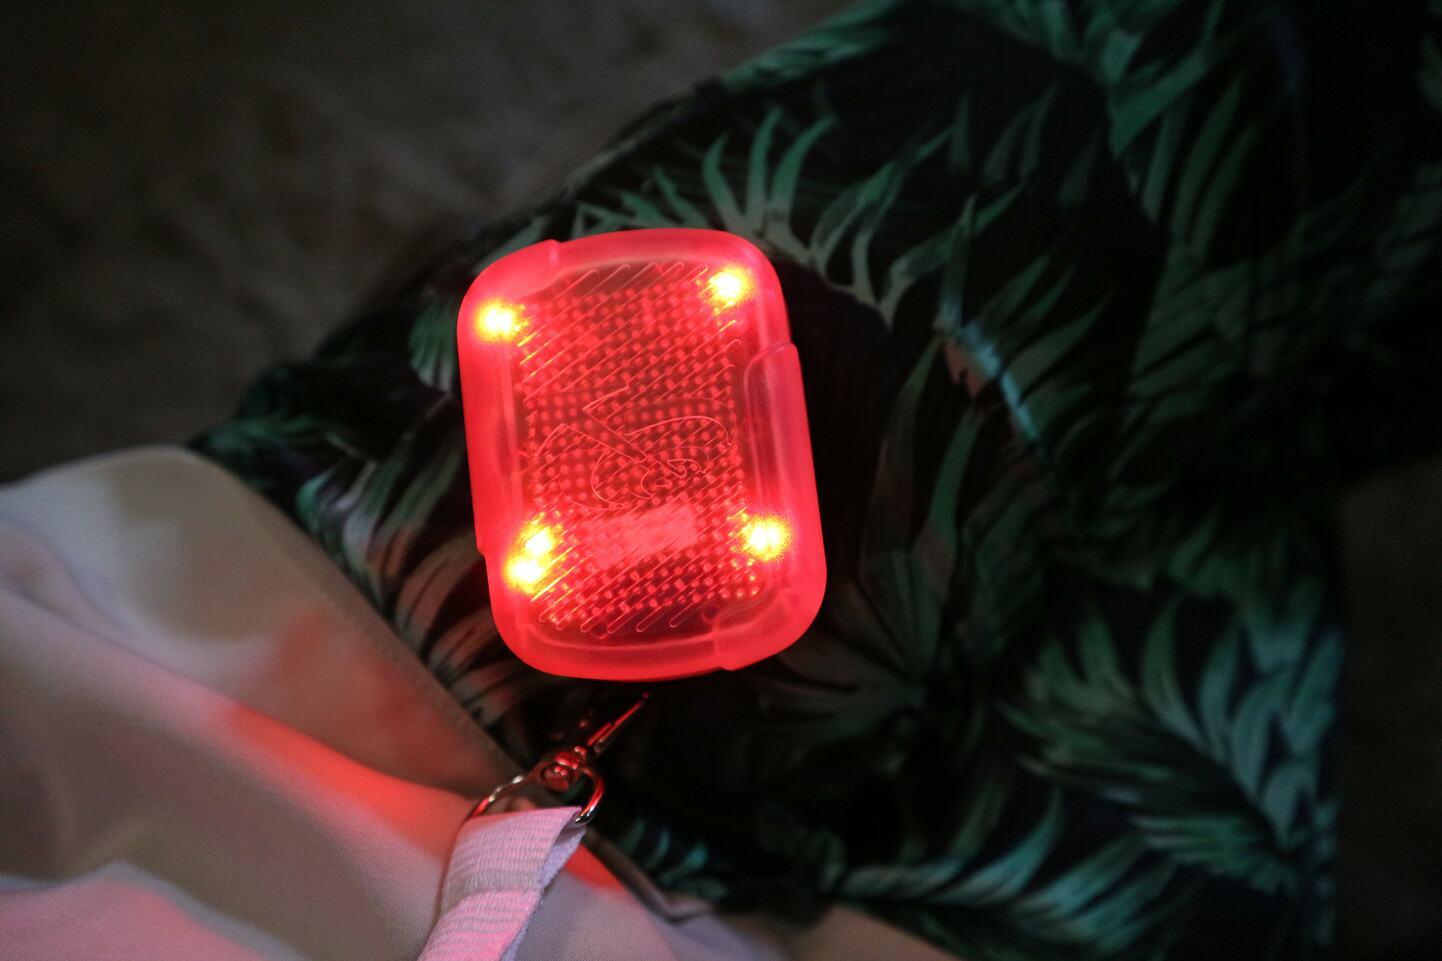 ジョットの鐘楼で手渡されるアラーム。ソーシャルディスタンスが守れていないとランプが赤く点灯しブザーが鳴る